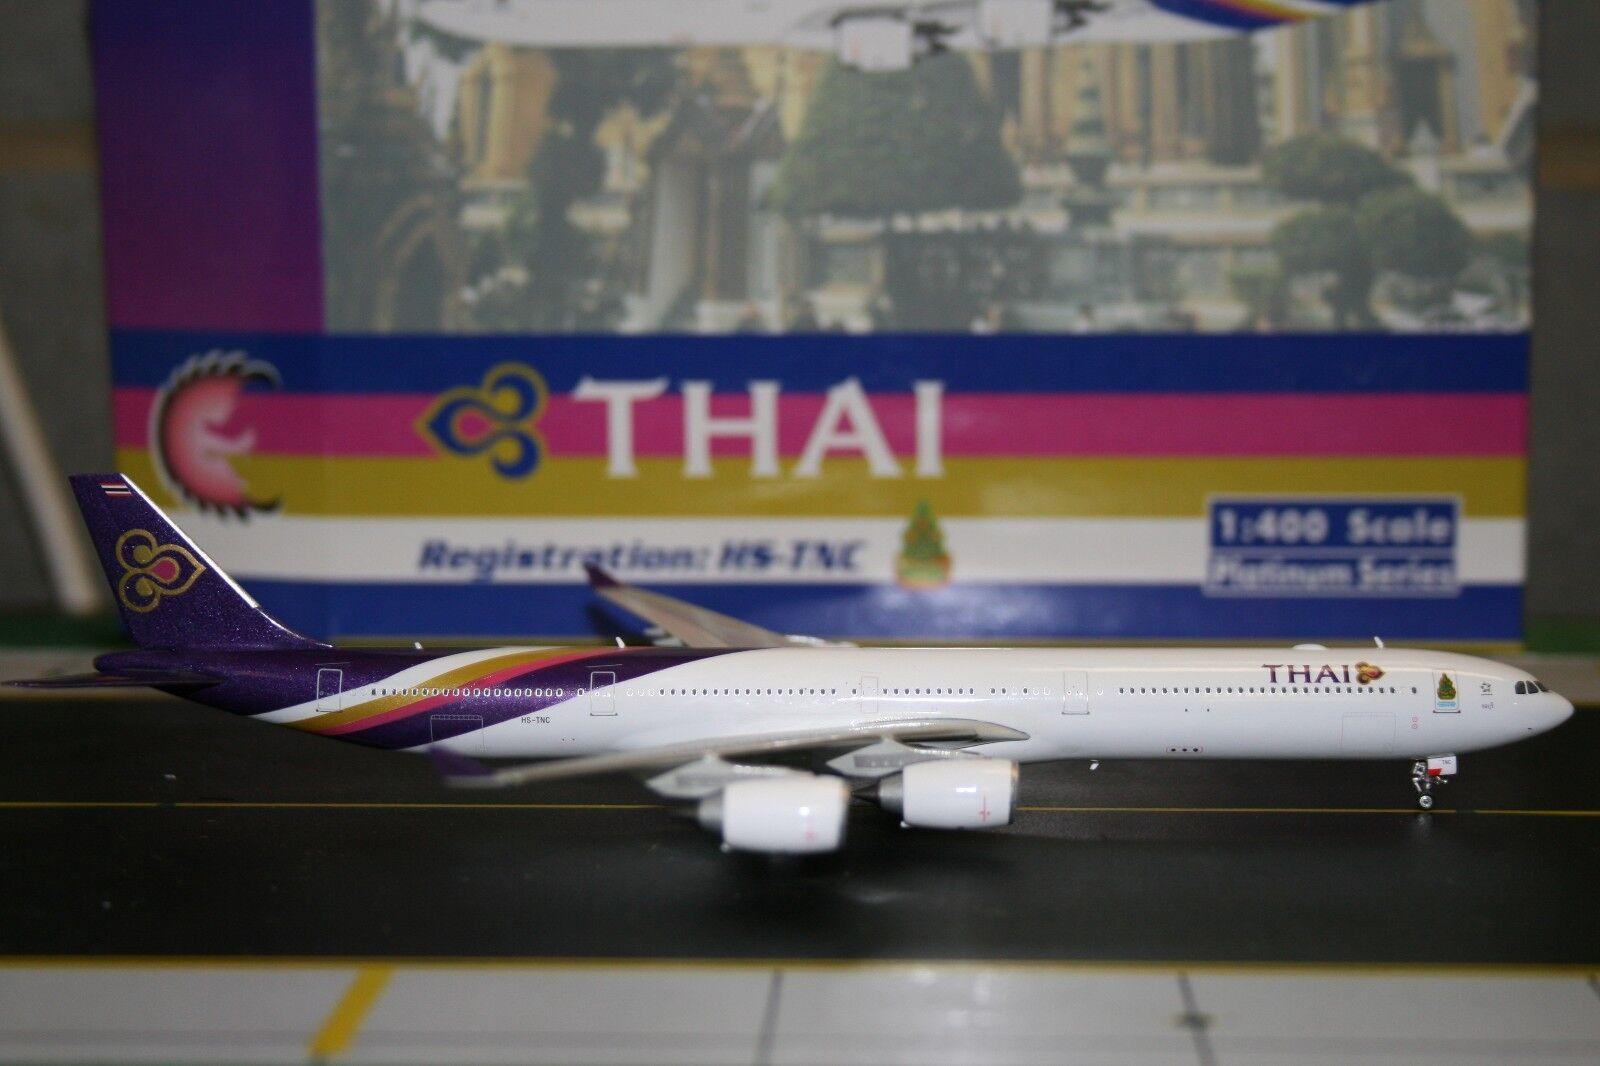 Phoenix 1 400 Thai Airways Airbus A340-600 HS-TNC (PH4THA929) Die-Cast Model